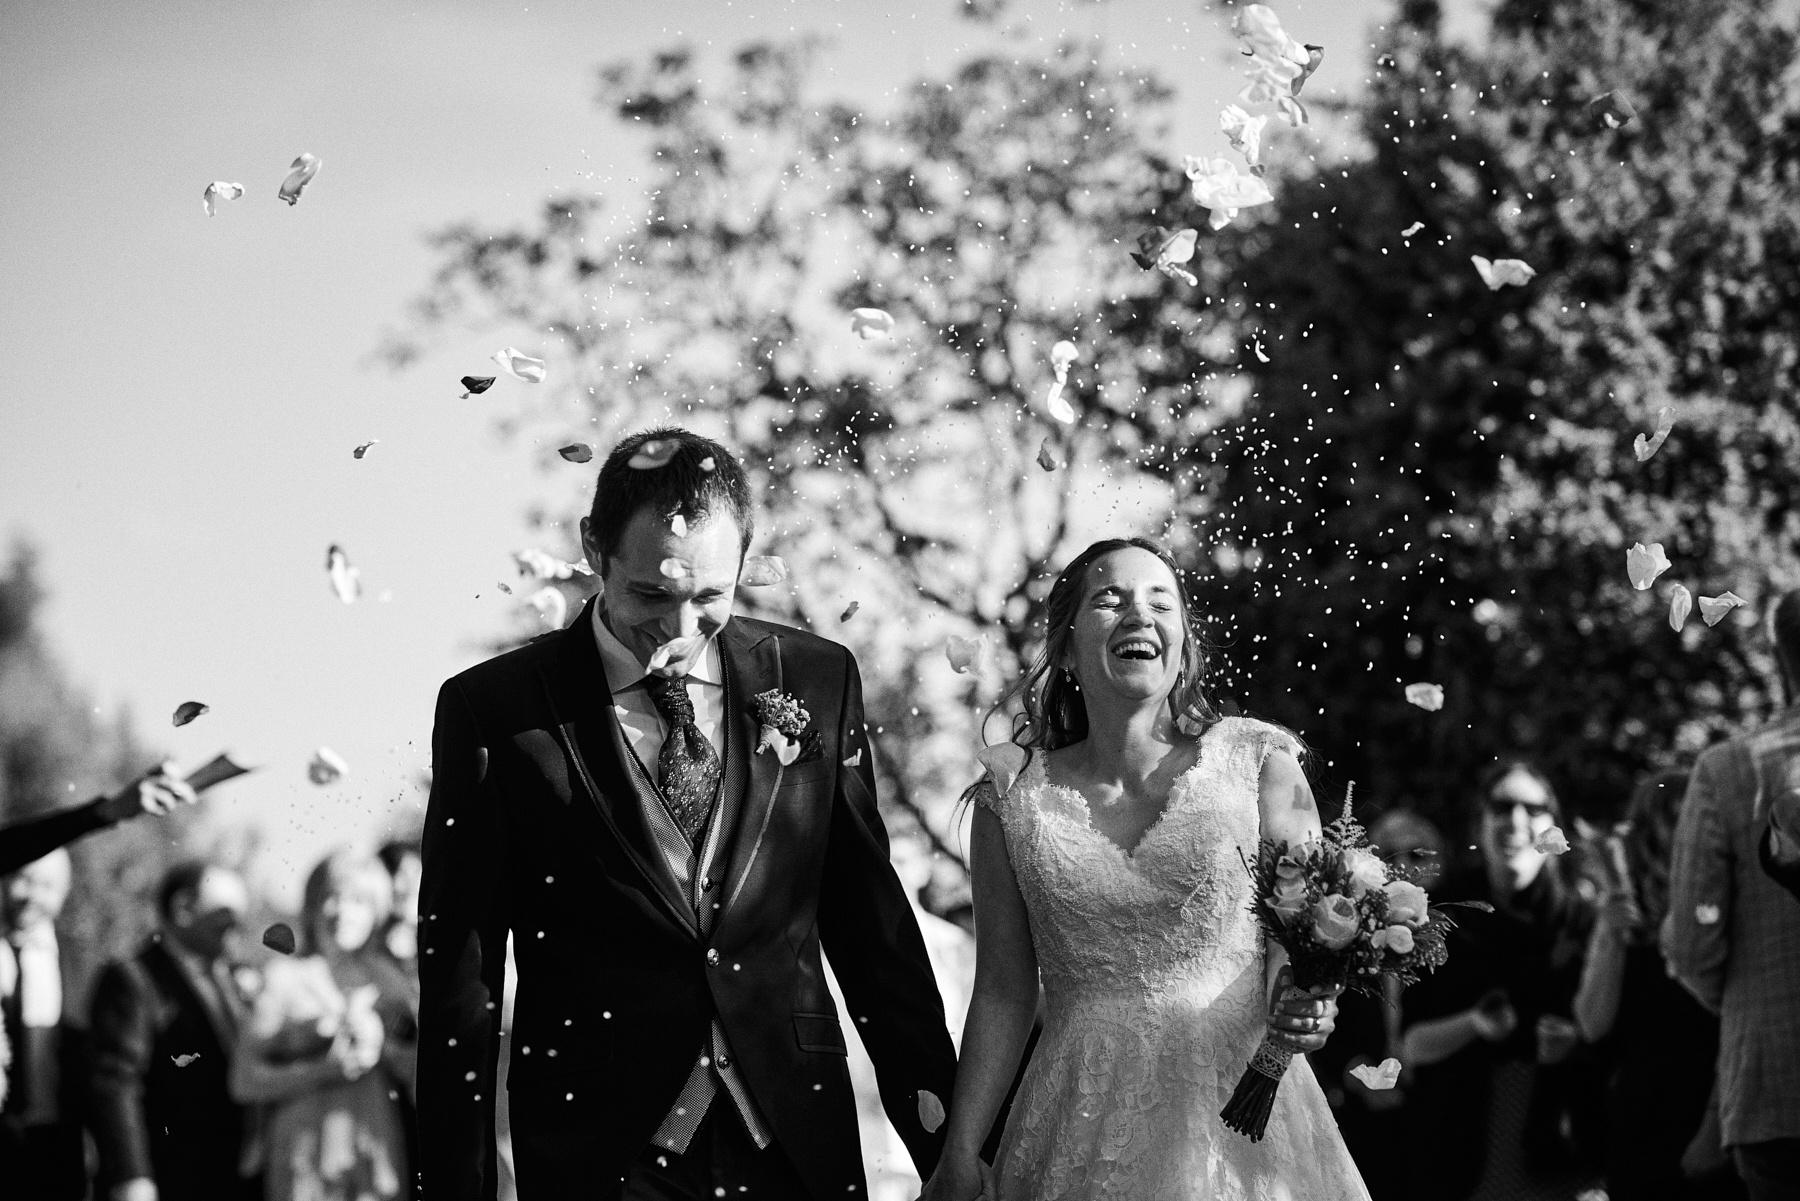 Georgina&Carlos - Andreu Fotògraf, Estudi fotogràfic a La Garriga